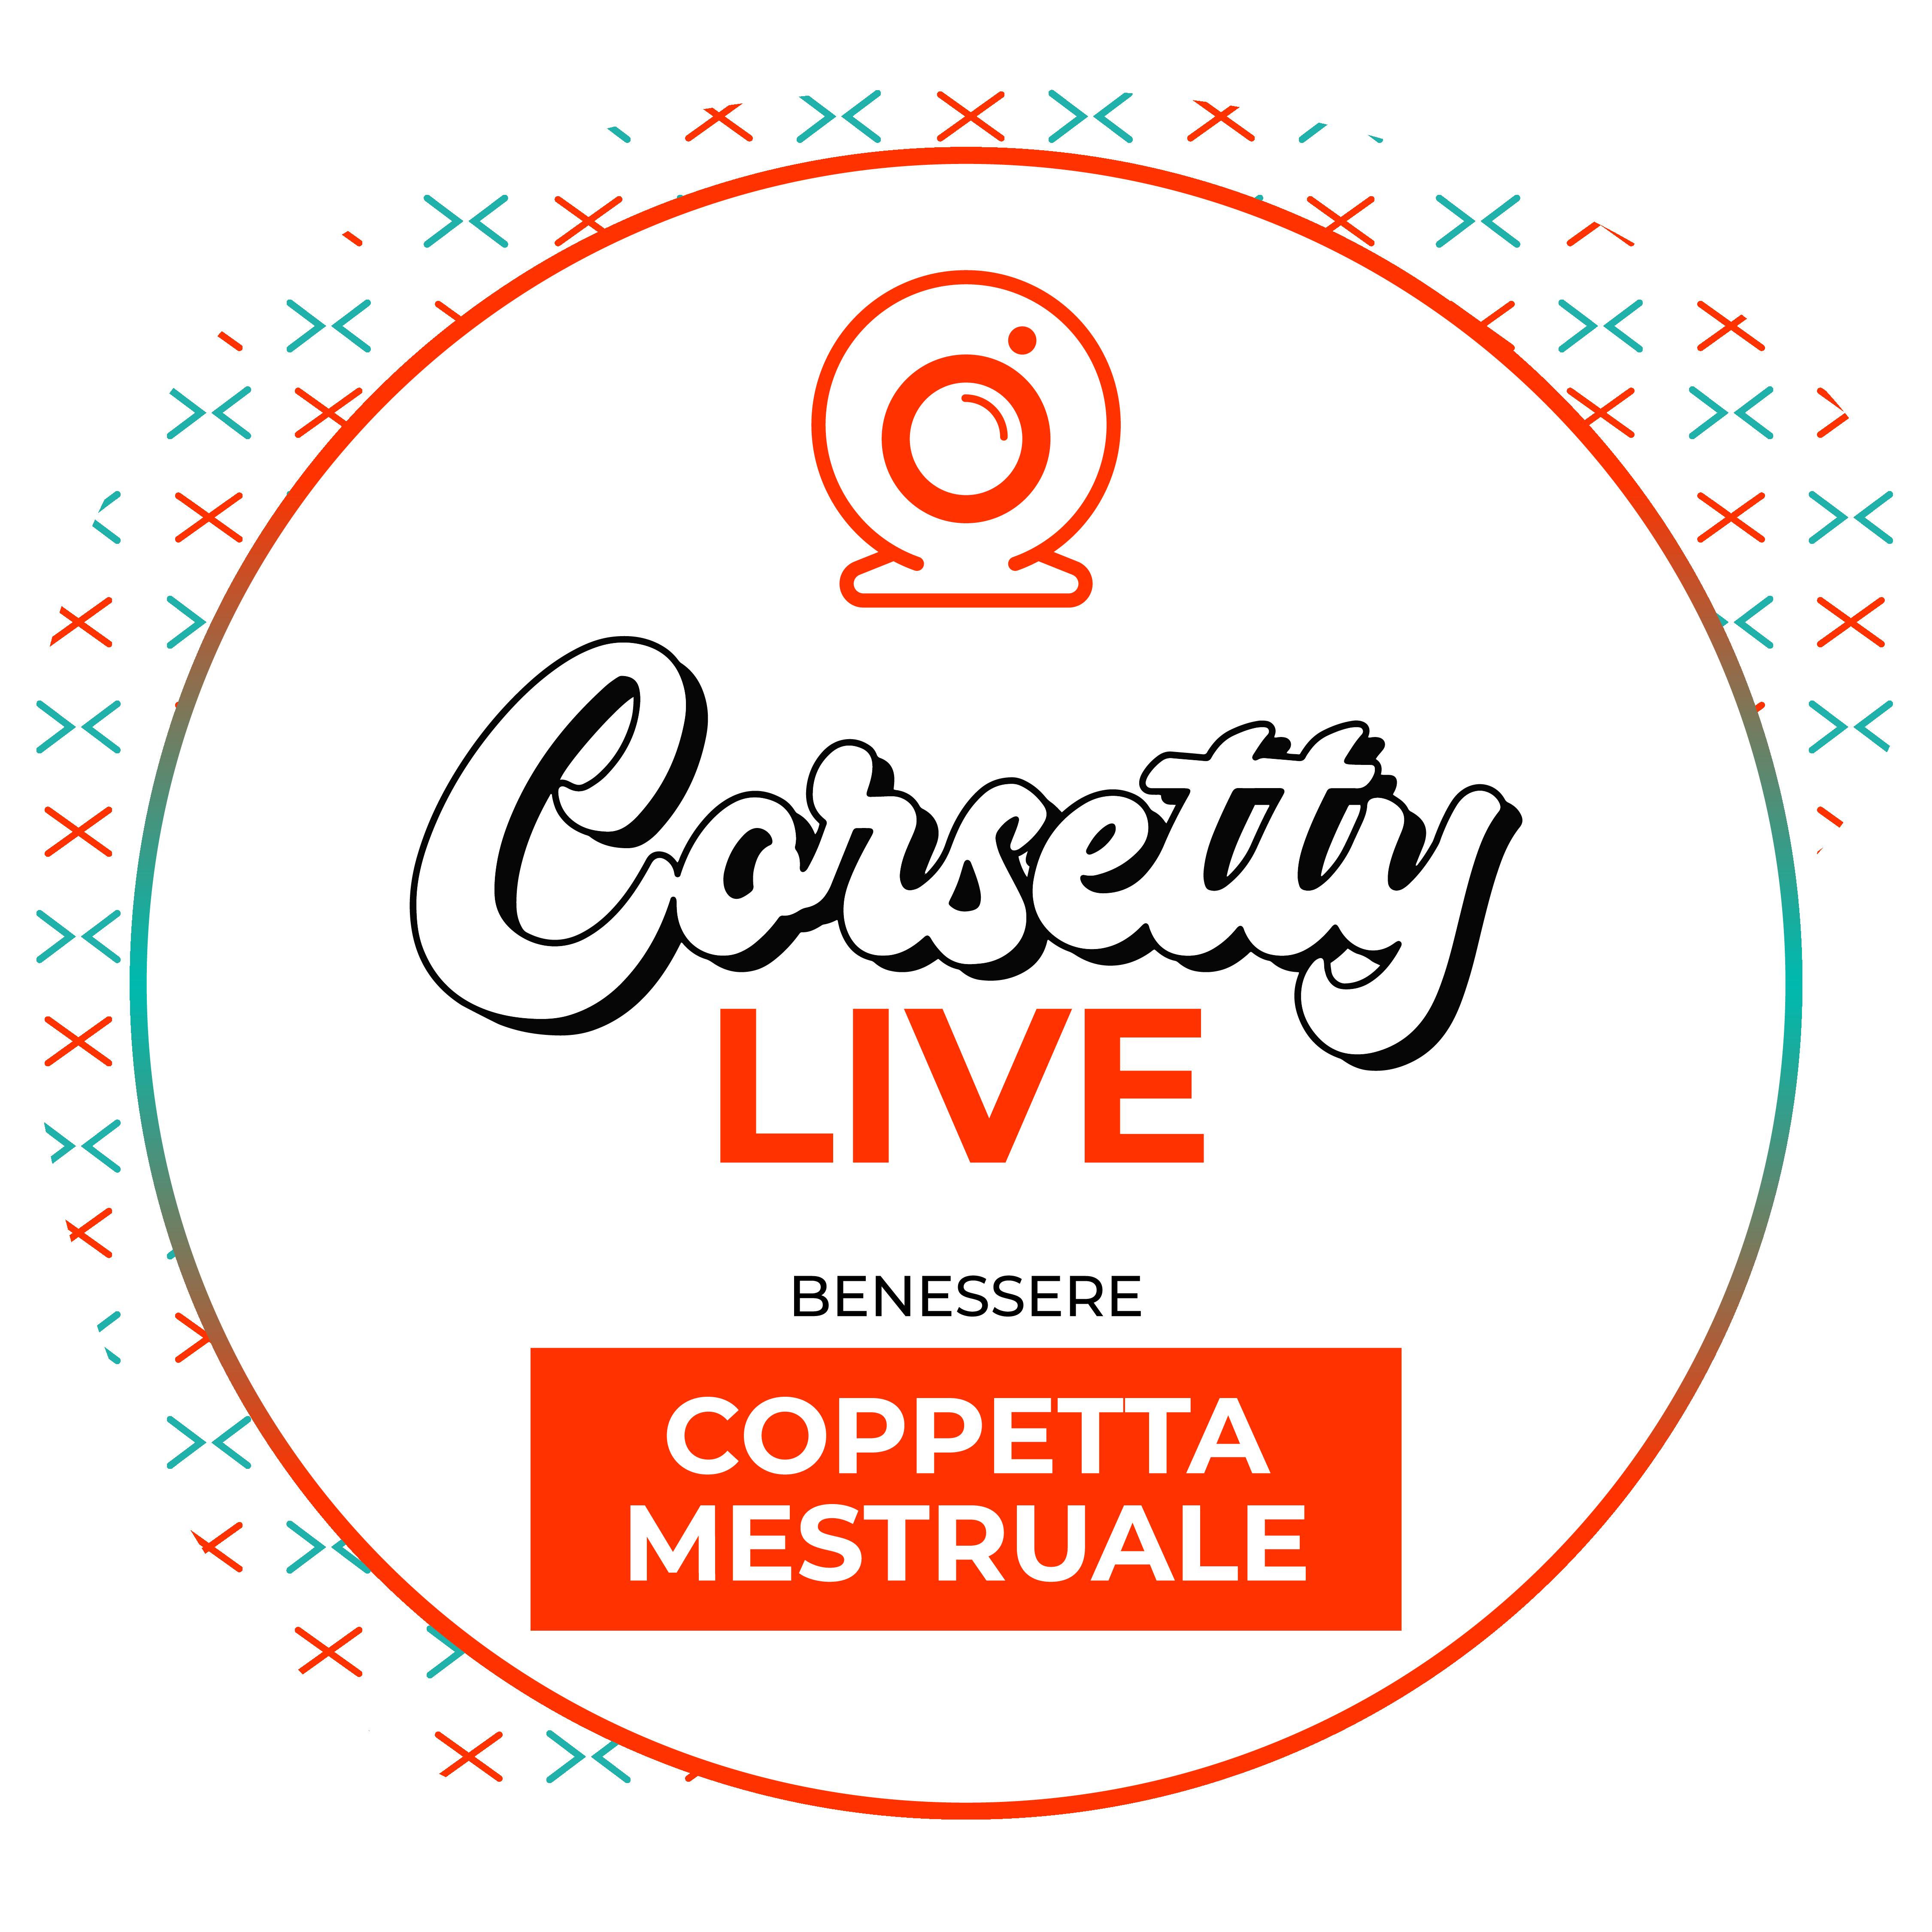 Corsetty – live: COPPETTA MESTRUALE